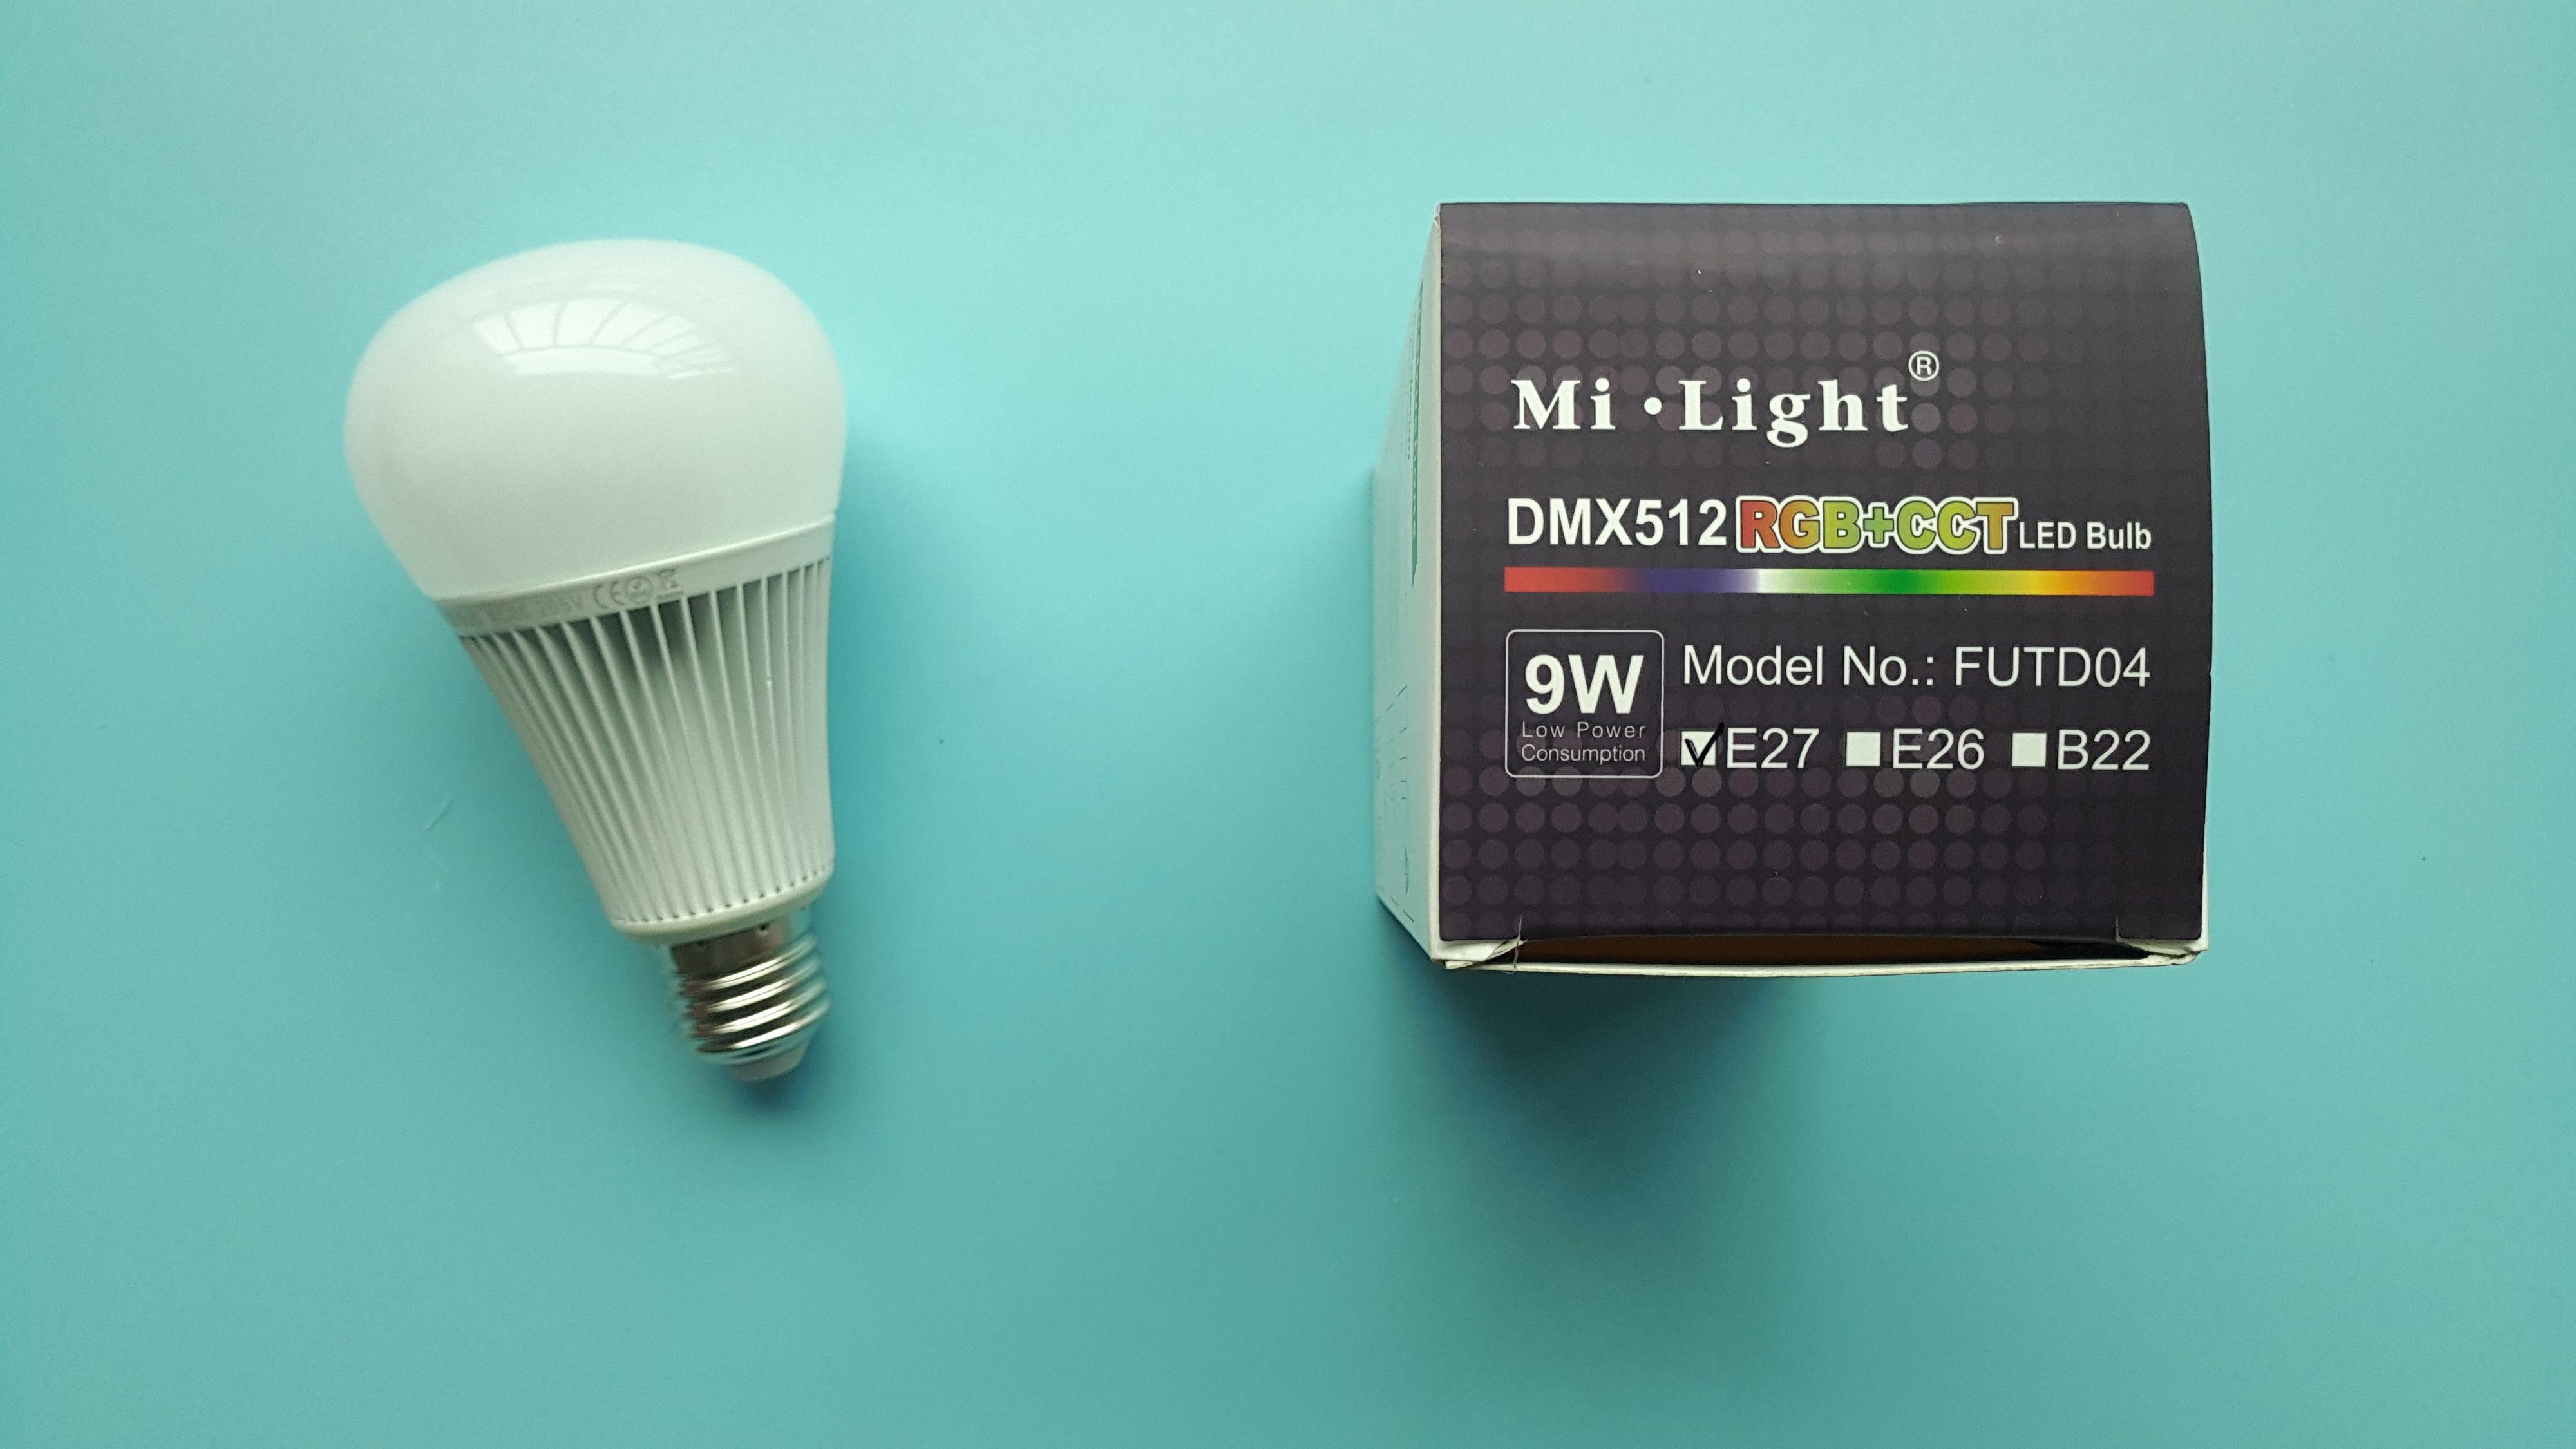 FUTD04 MiLight 9W DMX512 RGB+CCT RGB LED bulb